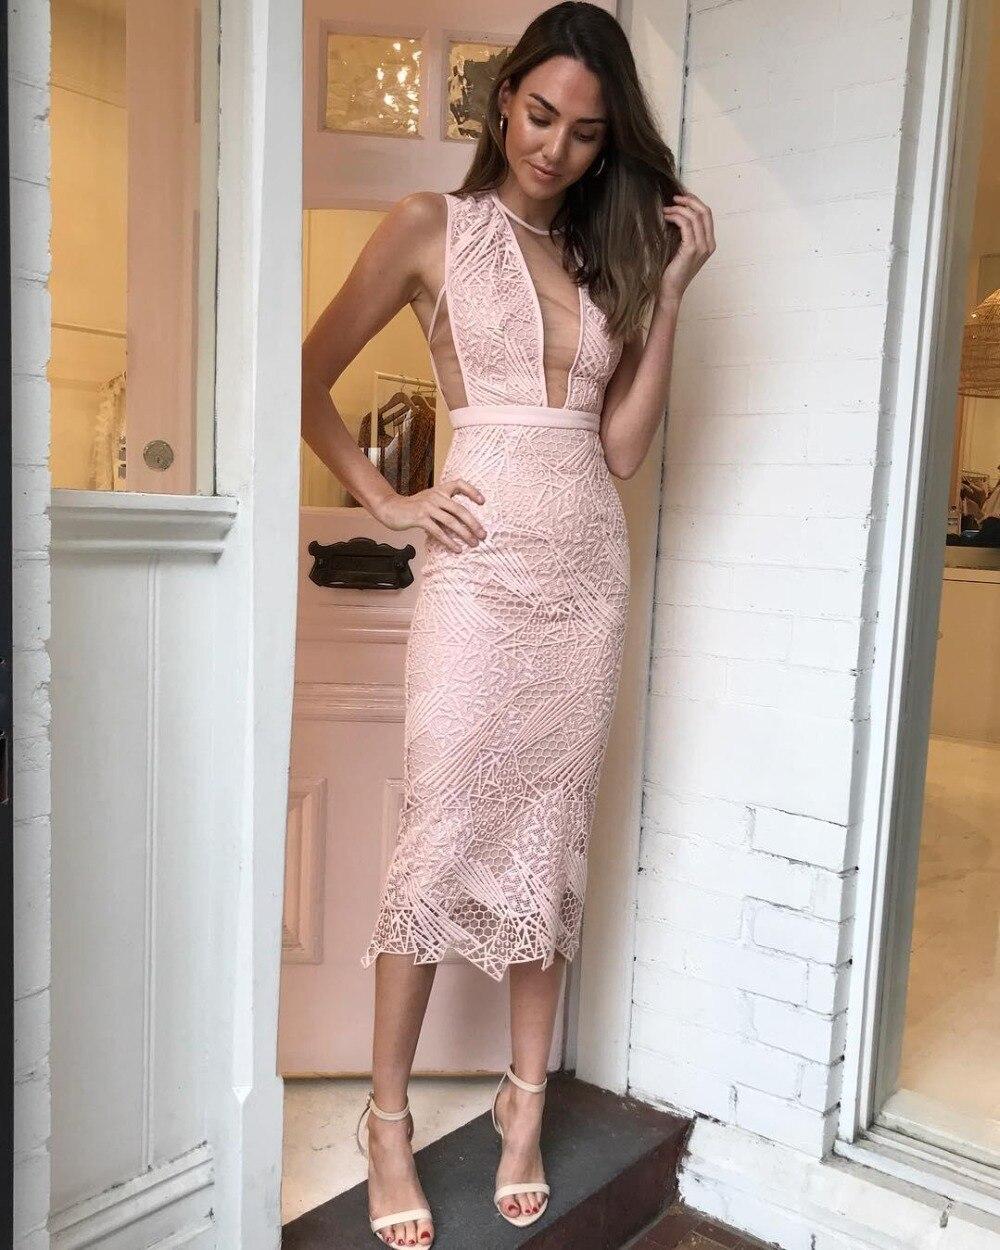 2018 Robe Robes Rose Moulante D'été Dentelle Clubwears Party Sexy Réservoir Bandage Femmes Nouveau Verano Maille Celebrity Sleveless qwtXxtaE7